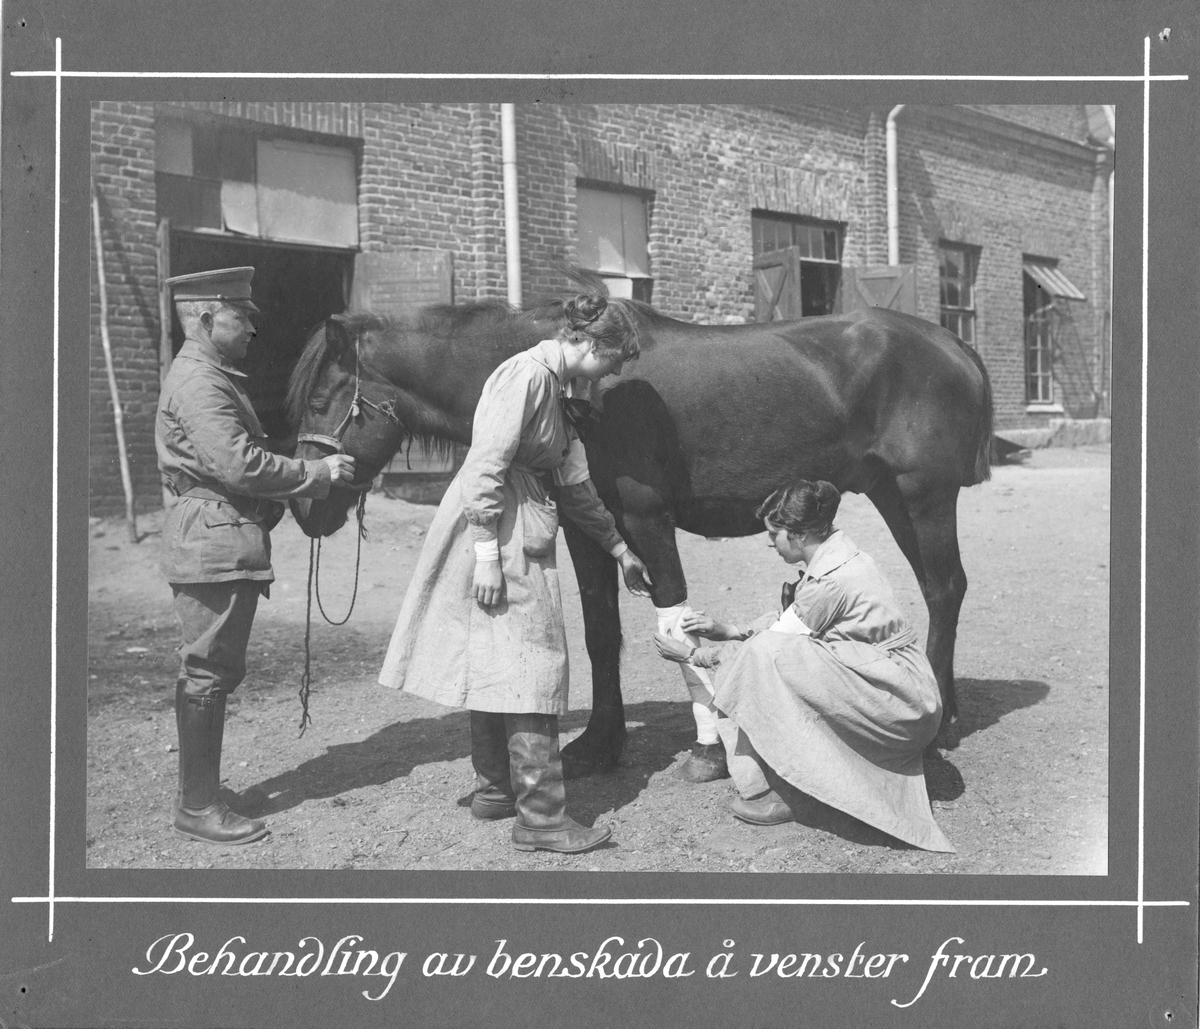 Behandling av benskada på vänster framben Svenska Röda Stjärnans veterinärambulans i Finland 1918.